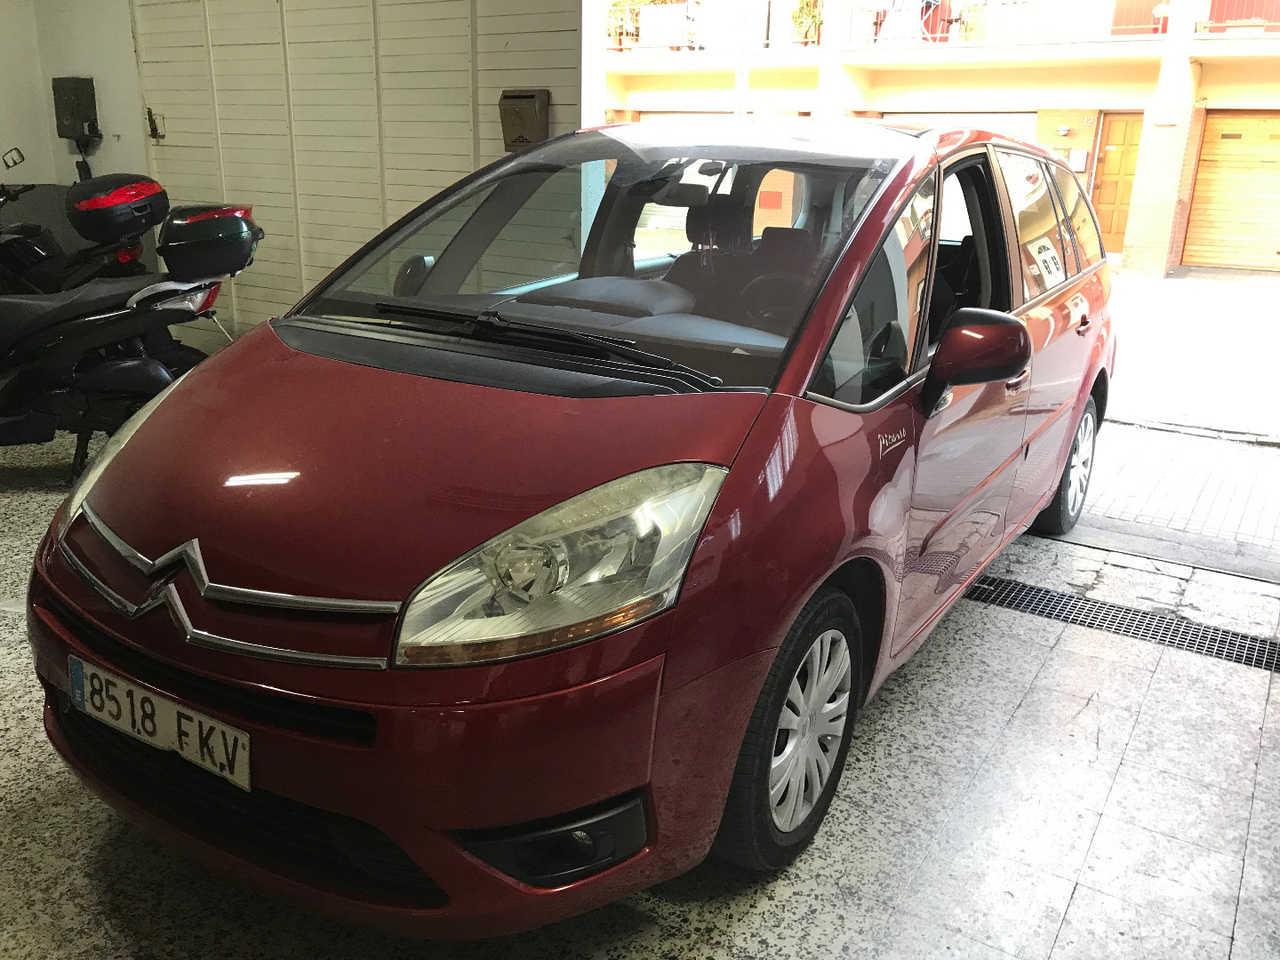 Citroën C4 Picasso Exclusive 1.6 HDI 110CV  - Foto 1